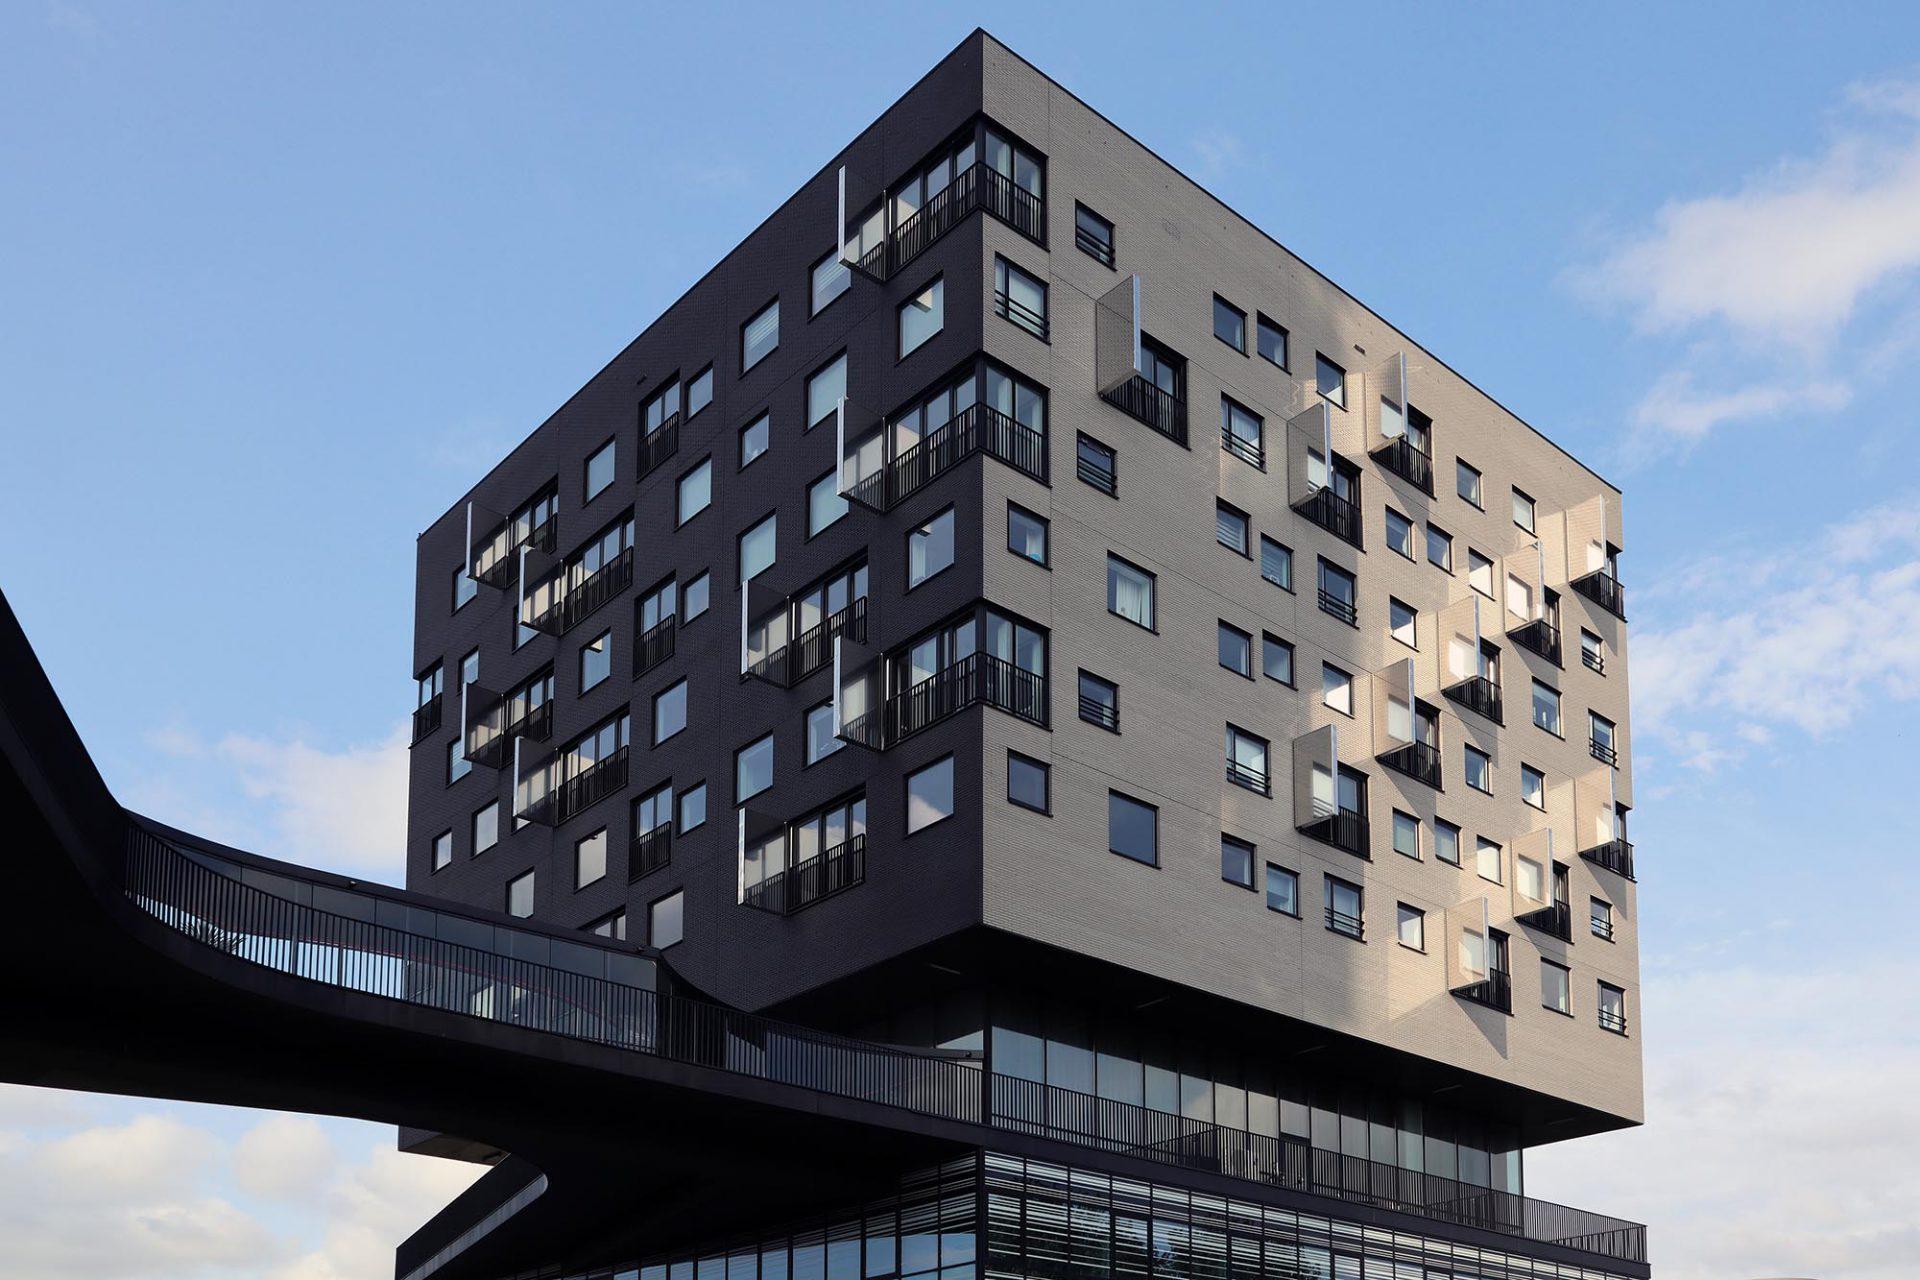 La Liberté. Dominique Perrault Architecture (mit Oving Architekten), 2012. Büros, einem Hotel und Sozialbauwohnungen.